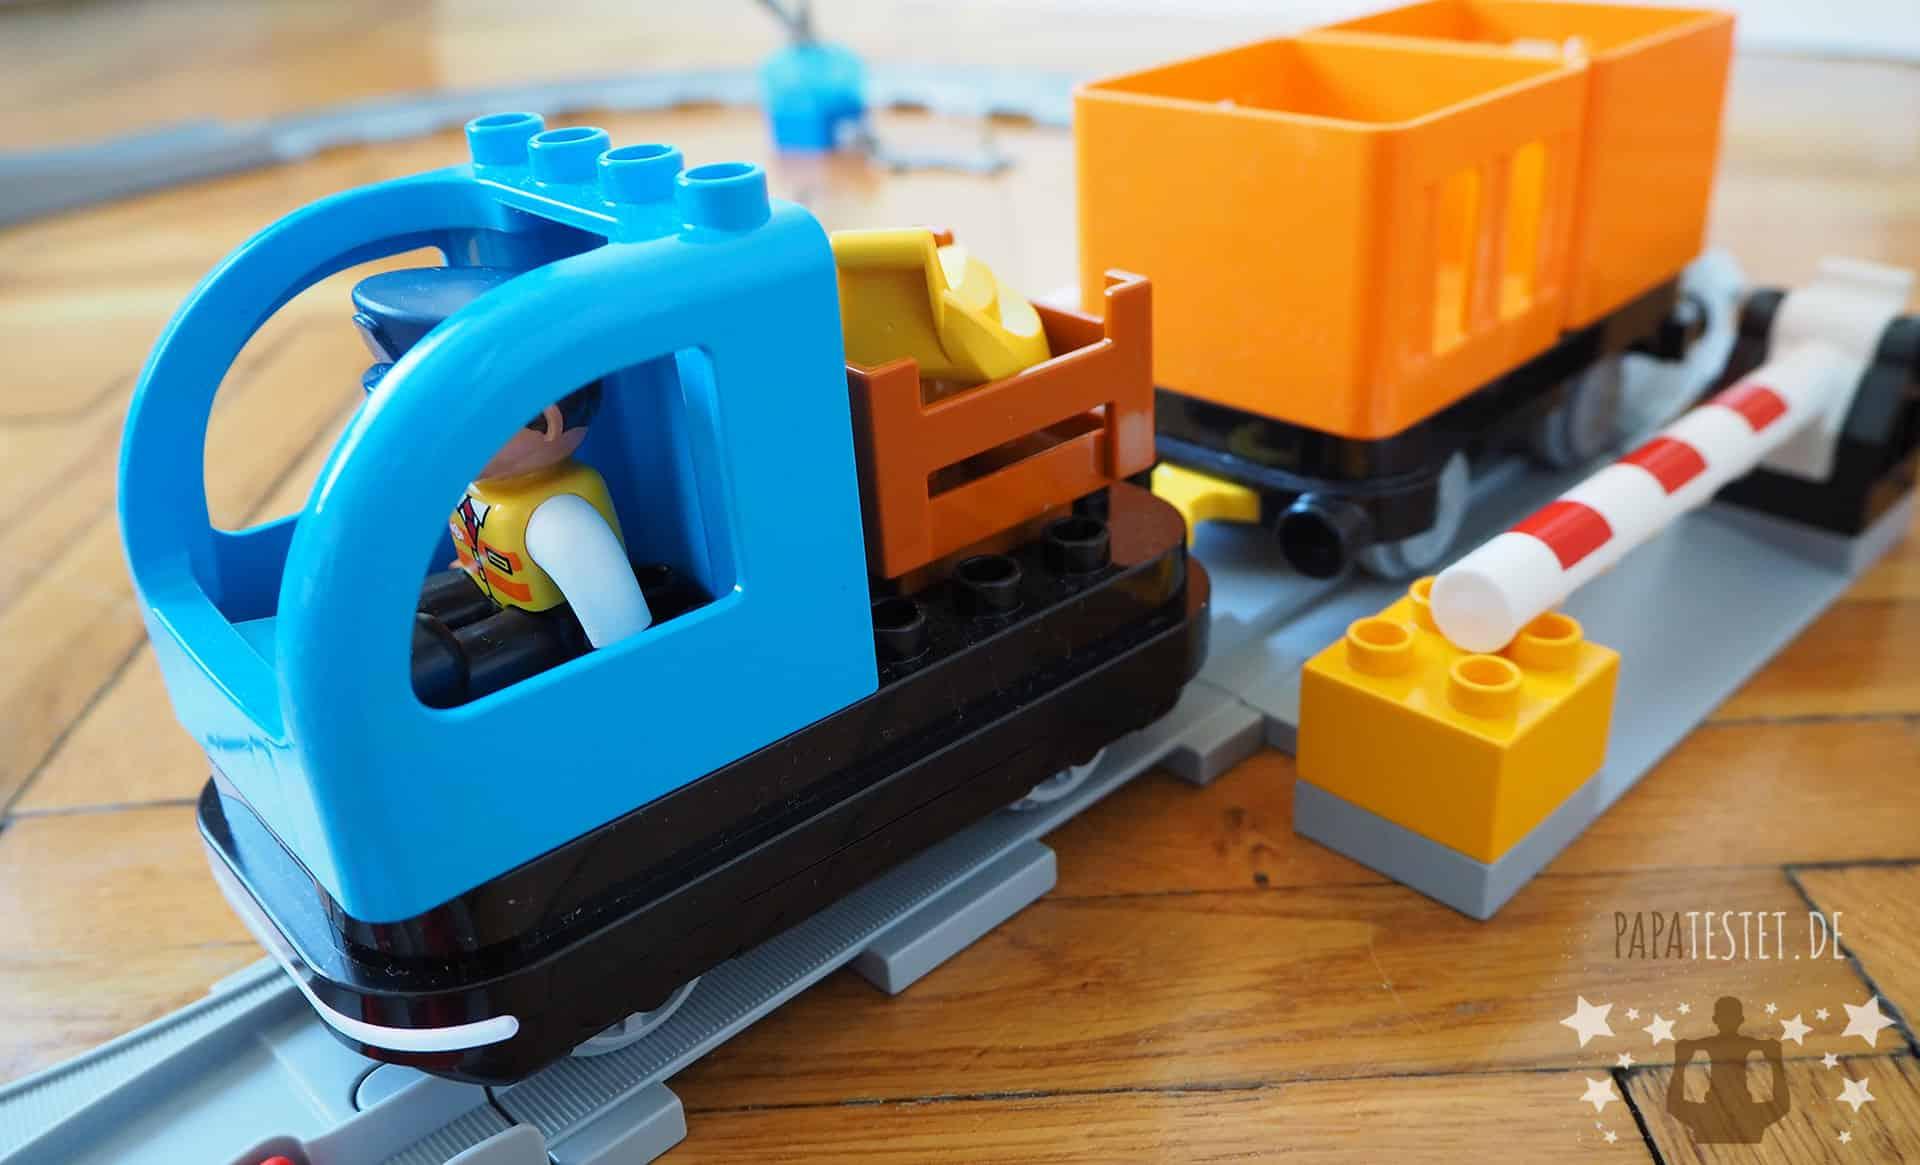 Alternativer Duplo-Zug mit Führerhaus